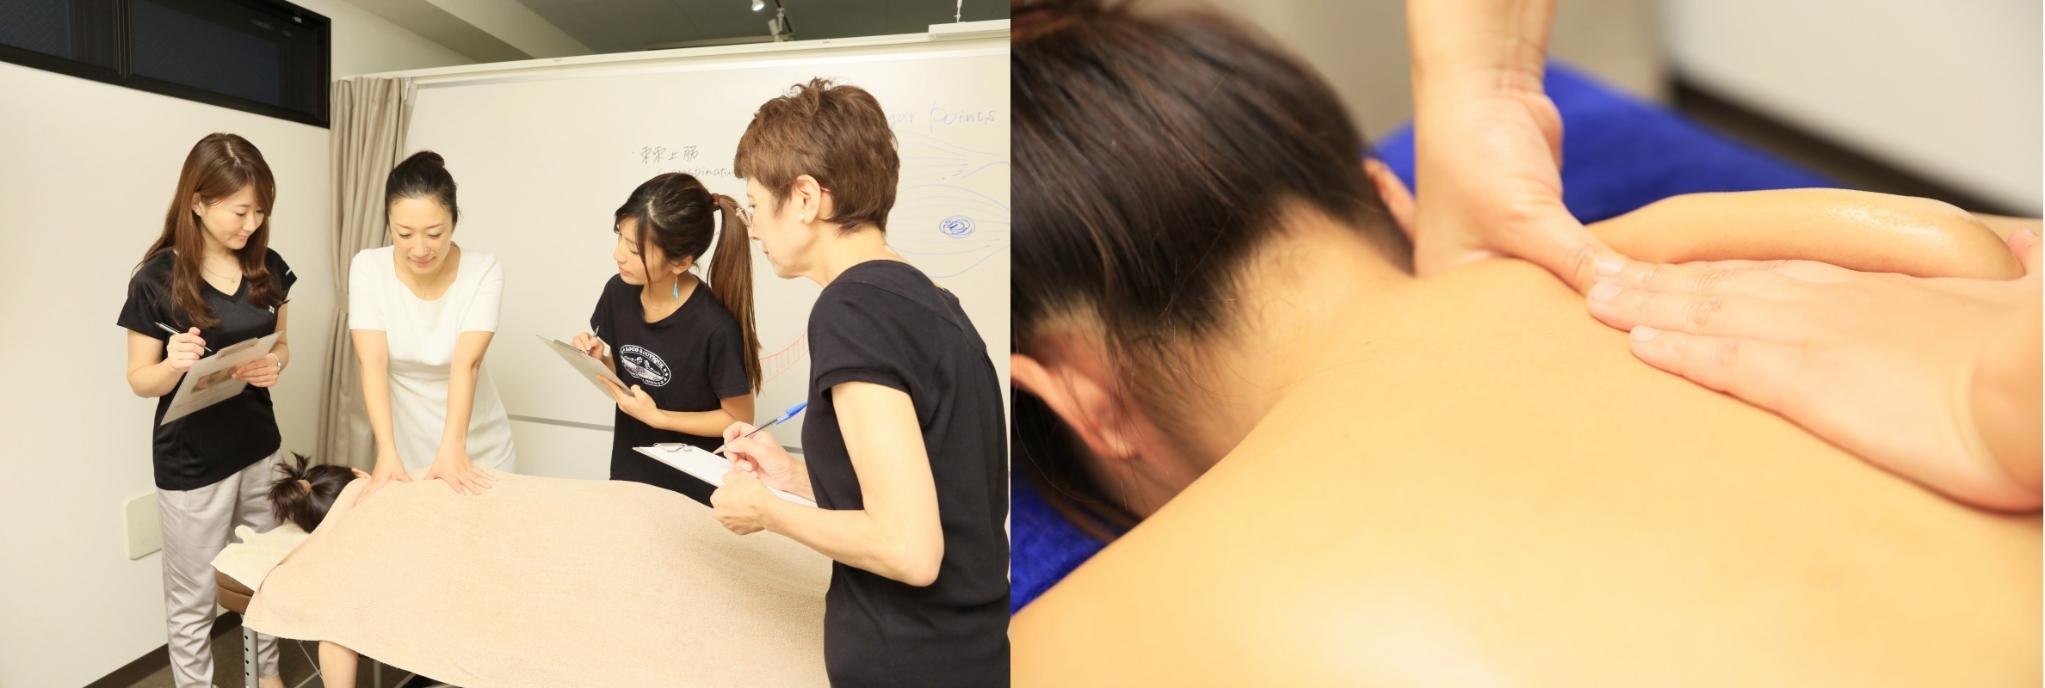 豪州政府認定セラピスト資格 企画2 東京リメディアルセラピーアカデミー